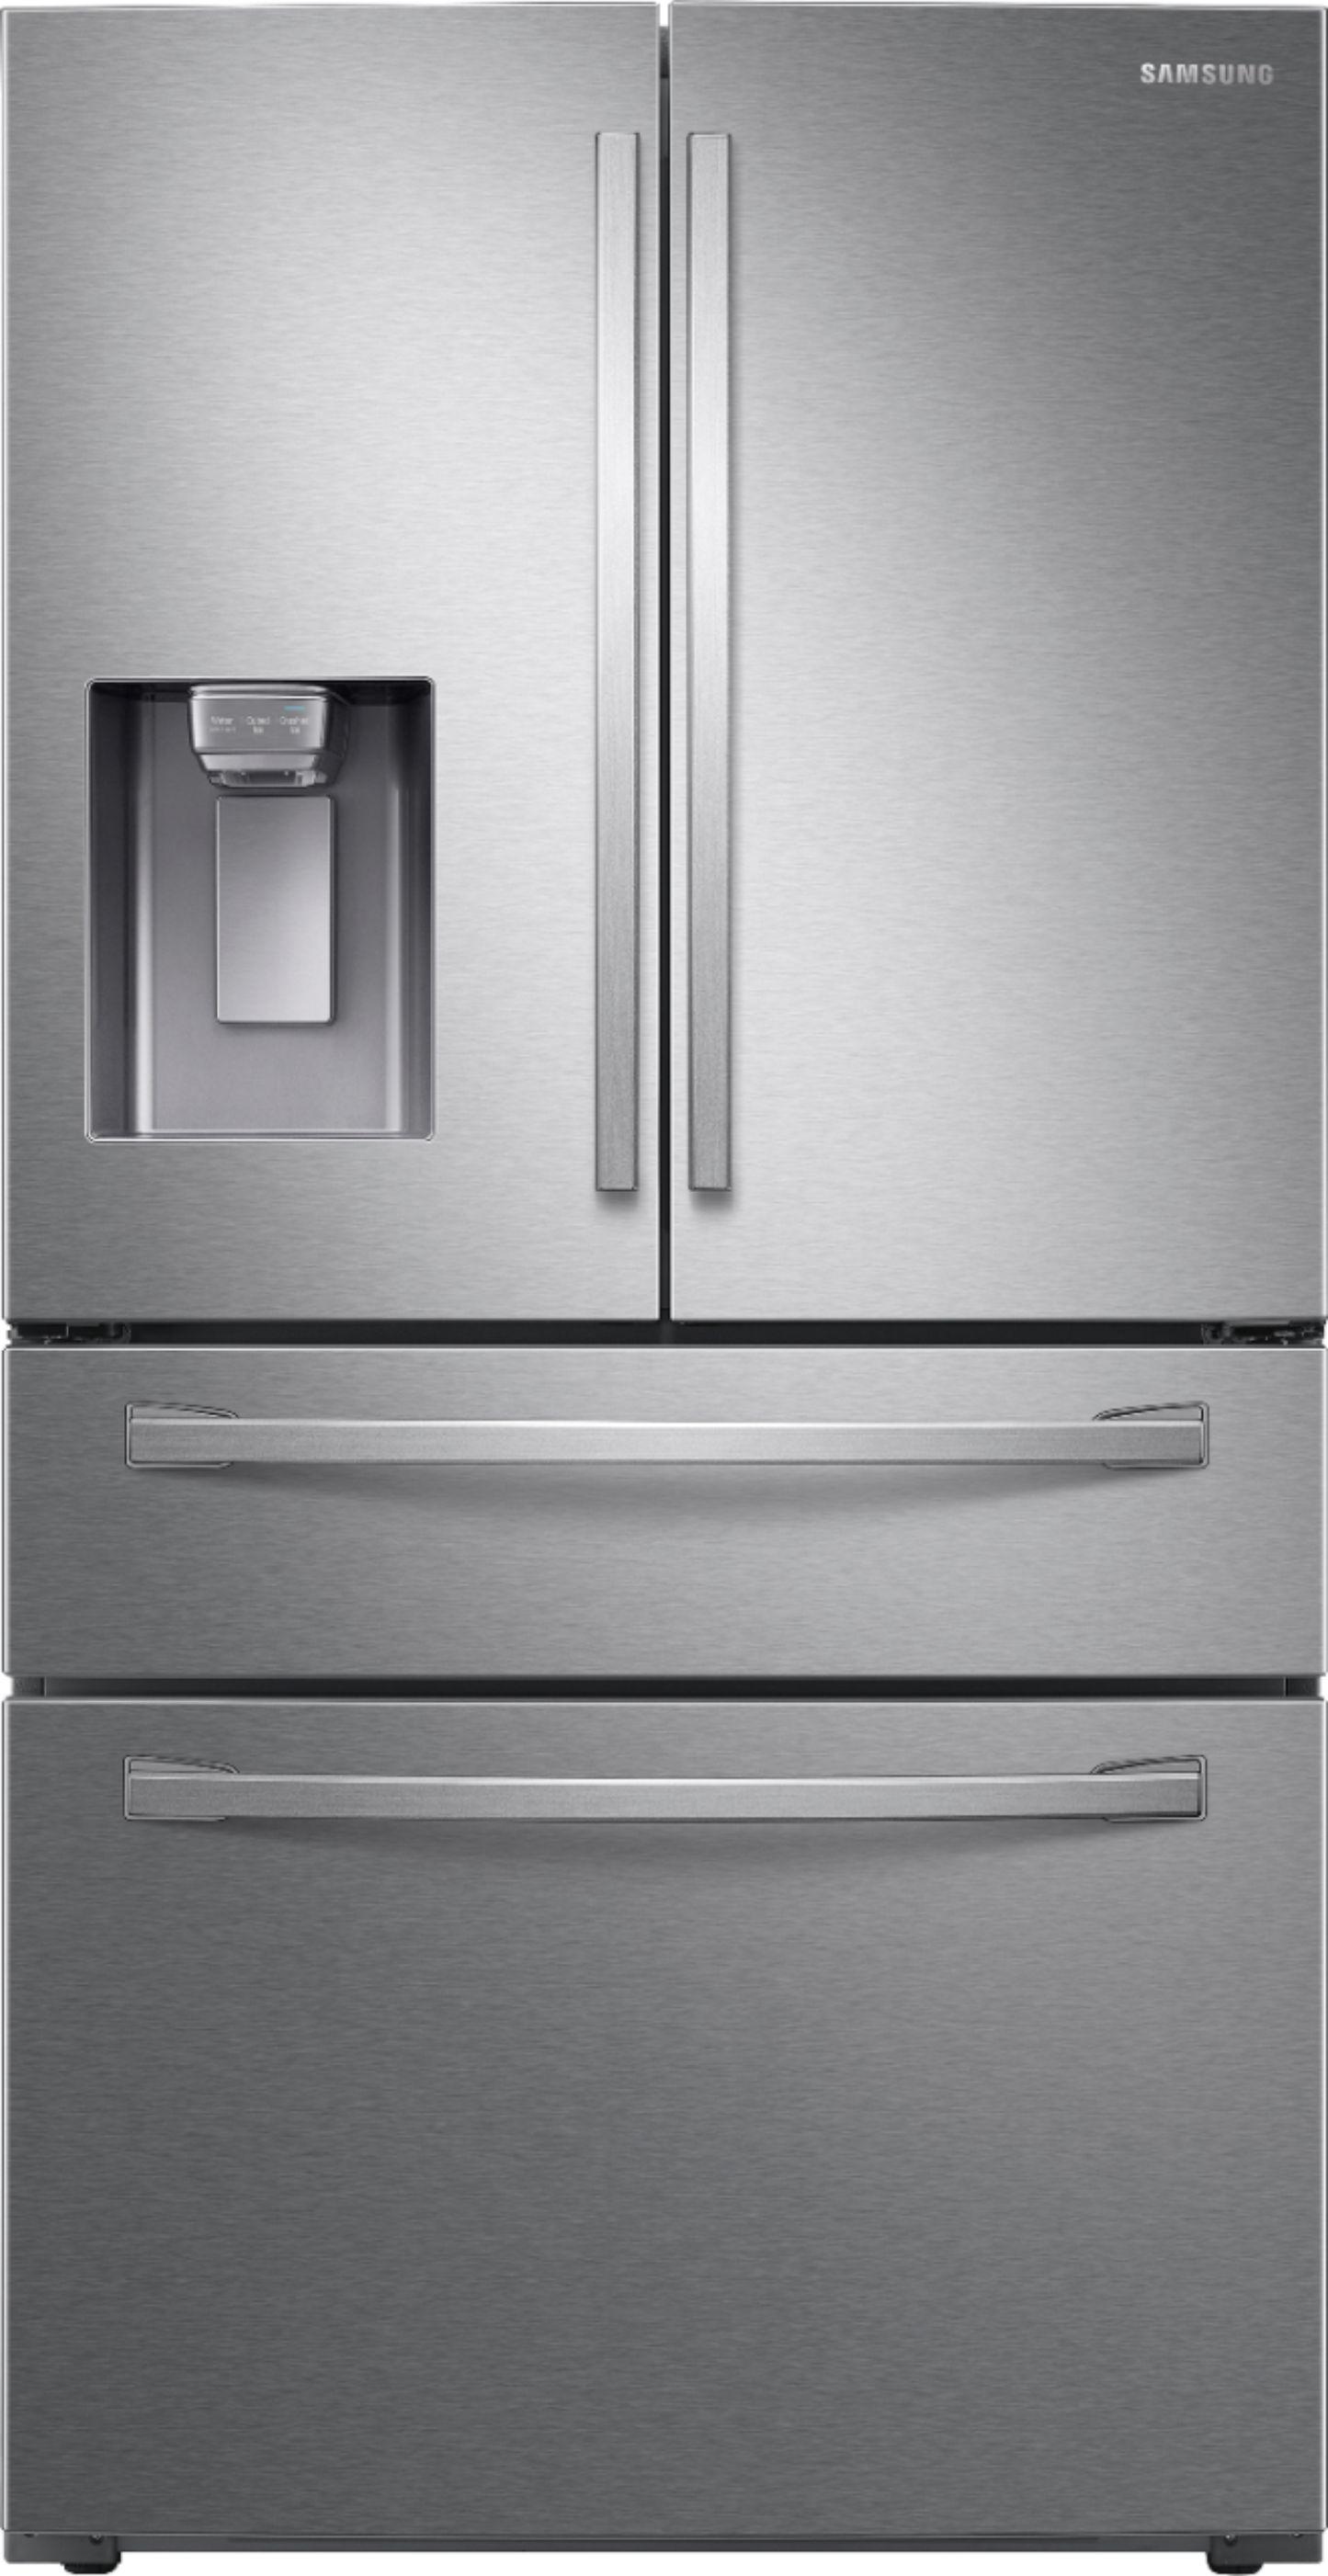 Buy Samsung – 28 cu. ft. 4-Door French Door Fingerprint Resistant Refrigerator with FlexZone™ Drawer – Stainless steel on PriceBreaks.com